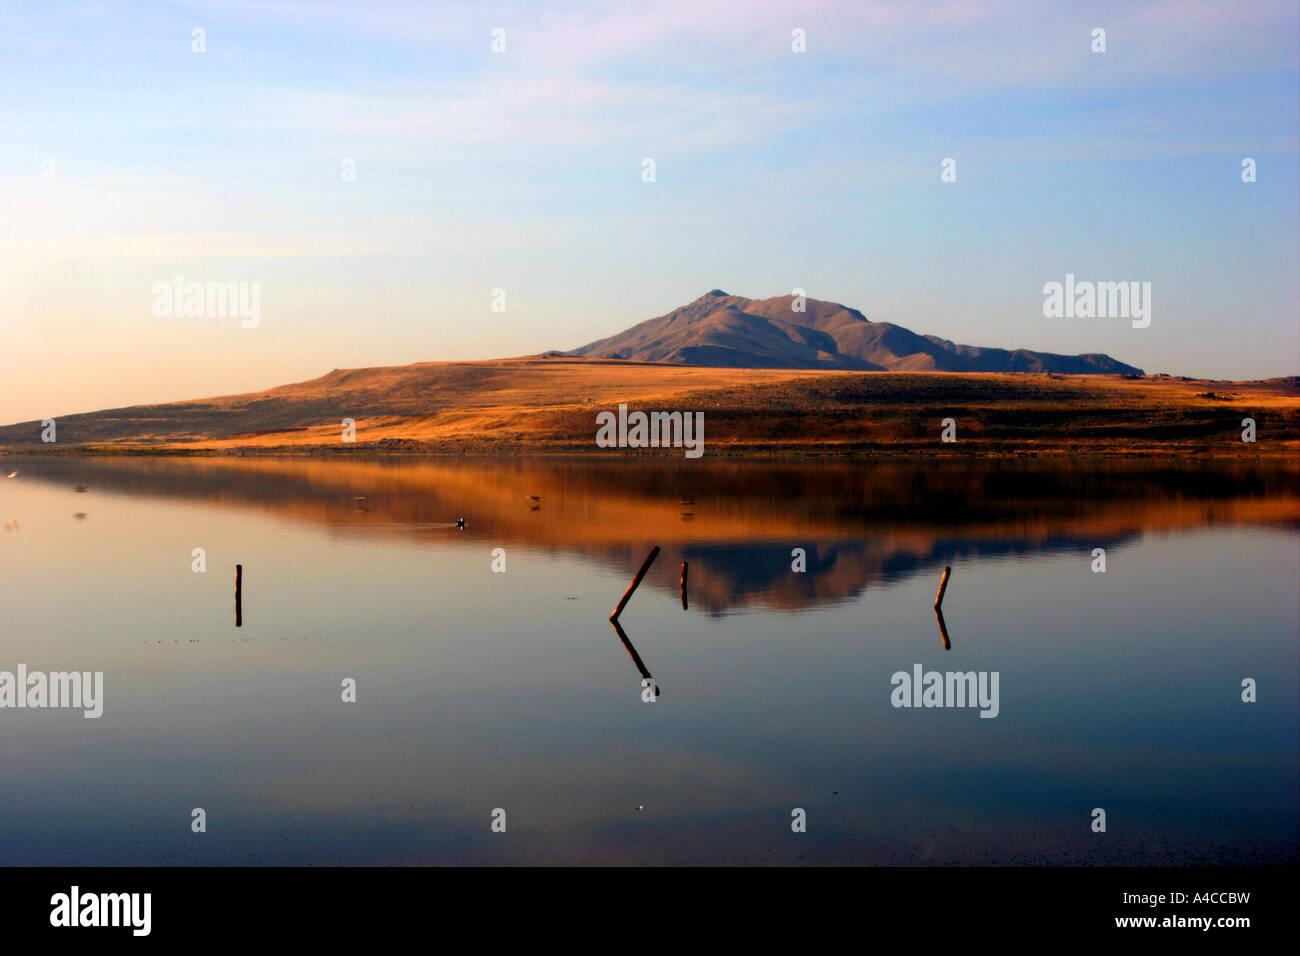 La isla antelope reflexión, gran lago salado, Utah Foto de stock